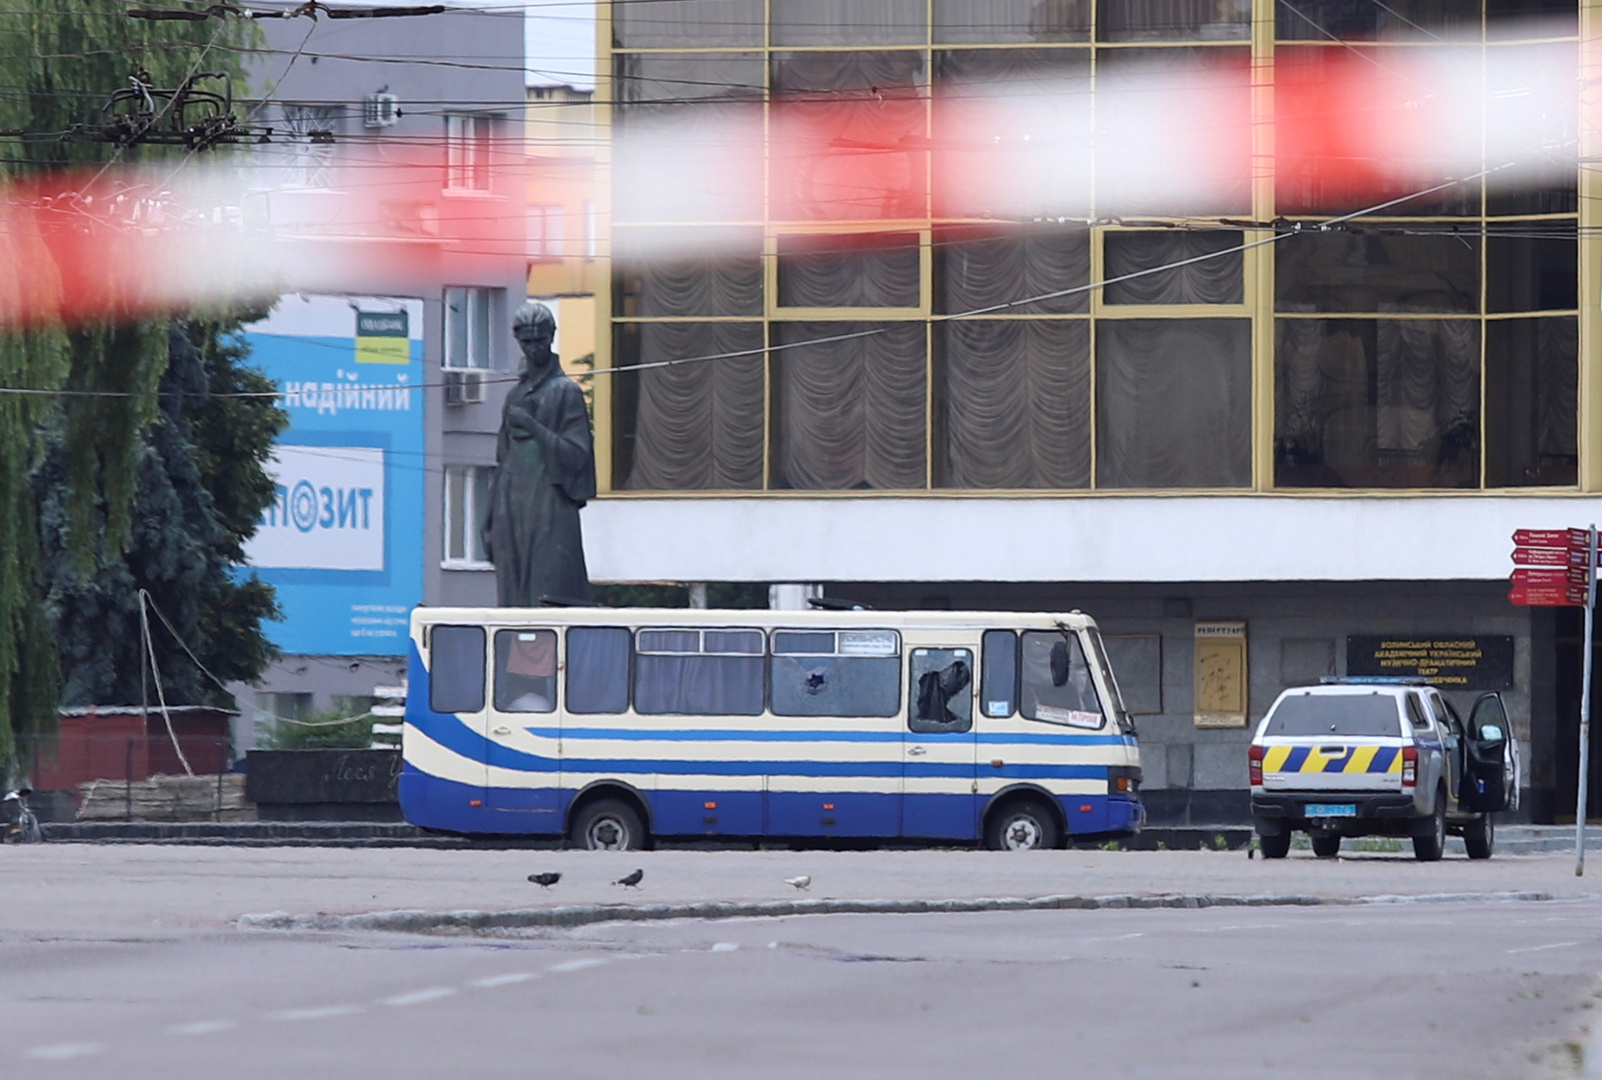 الرئيس الأوكراني يتصل شخصيا بخاطف الرهائن في لوتسك والأخير يطلق سراح 3 أشخاص